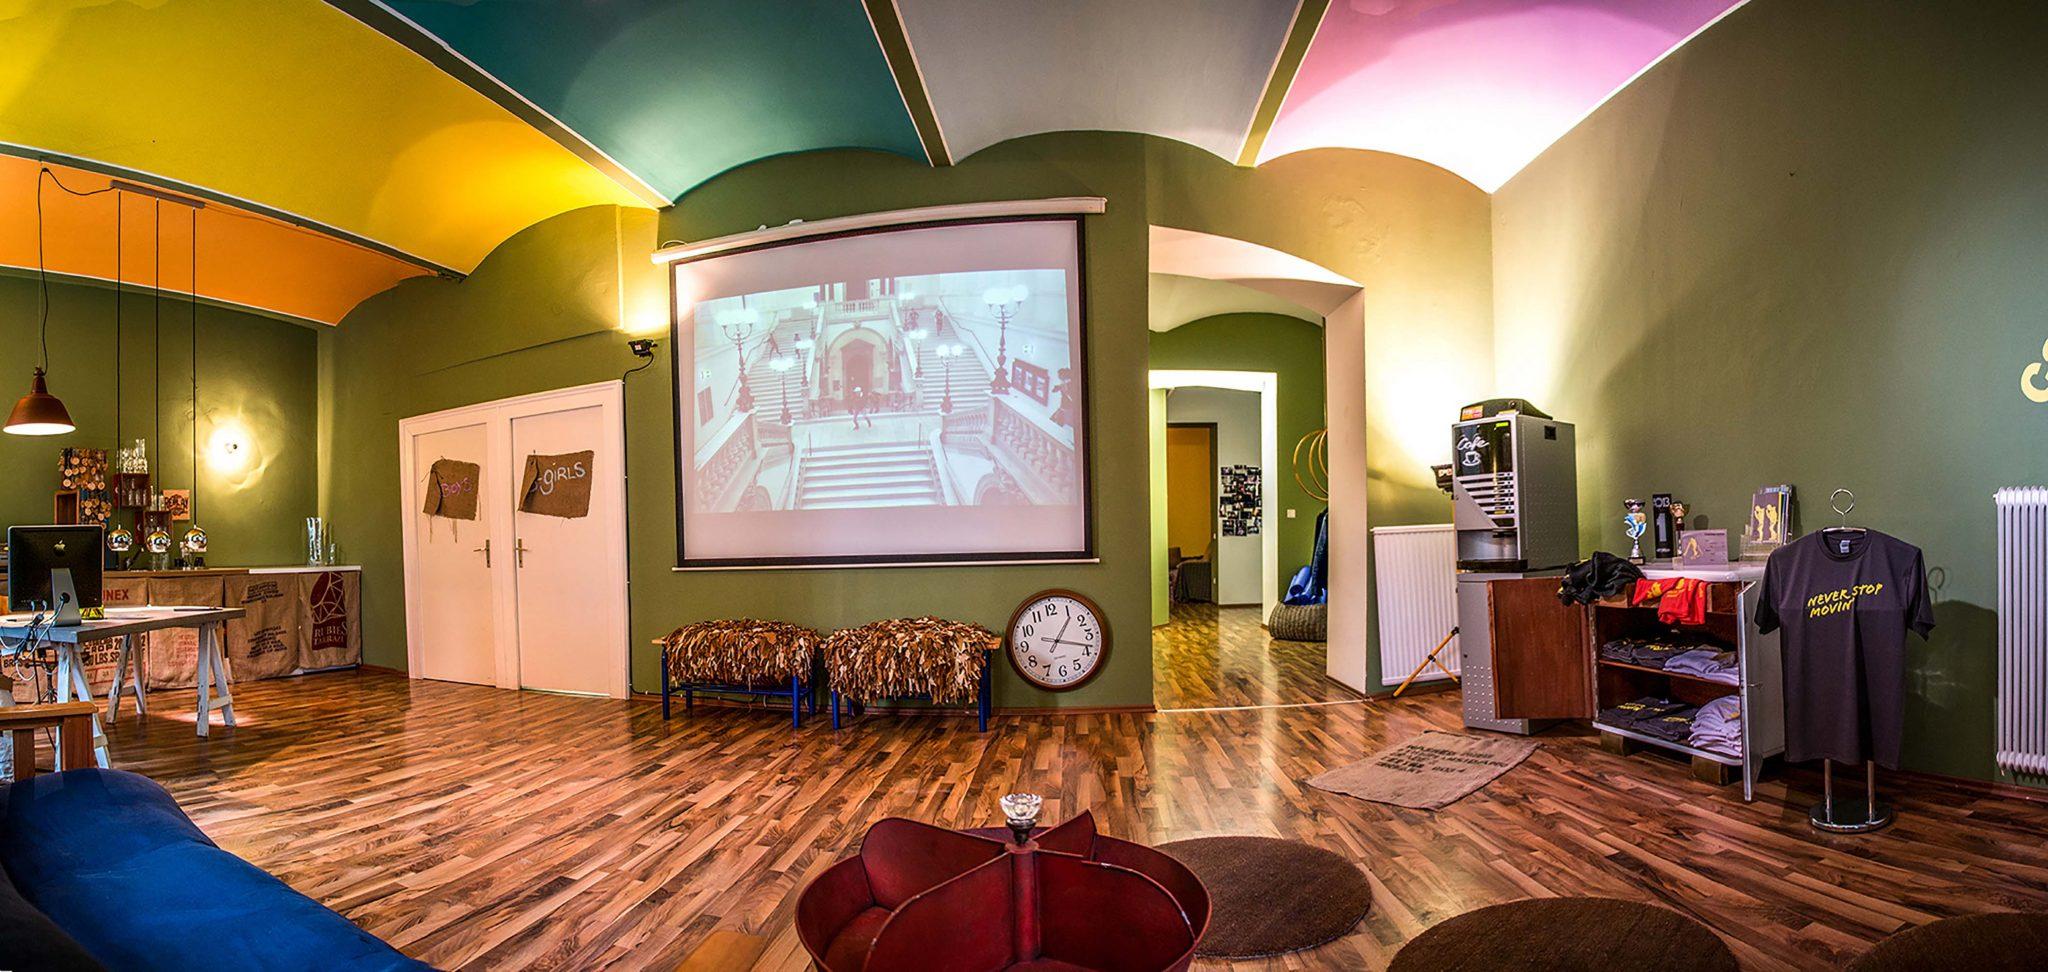 Eingangsbereich mit Farbkonzept, ausgewählten Möbel und Leinwand mit Imagefilm.